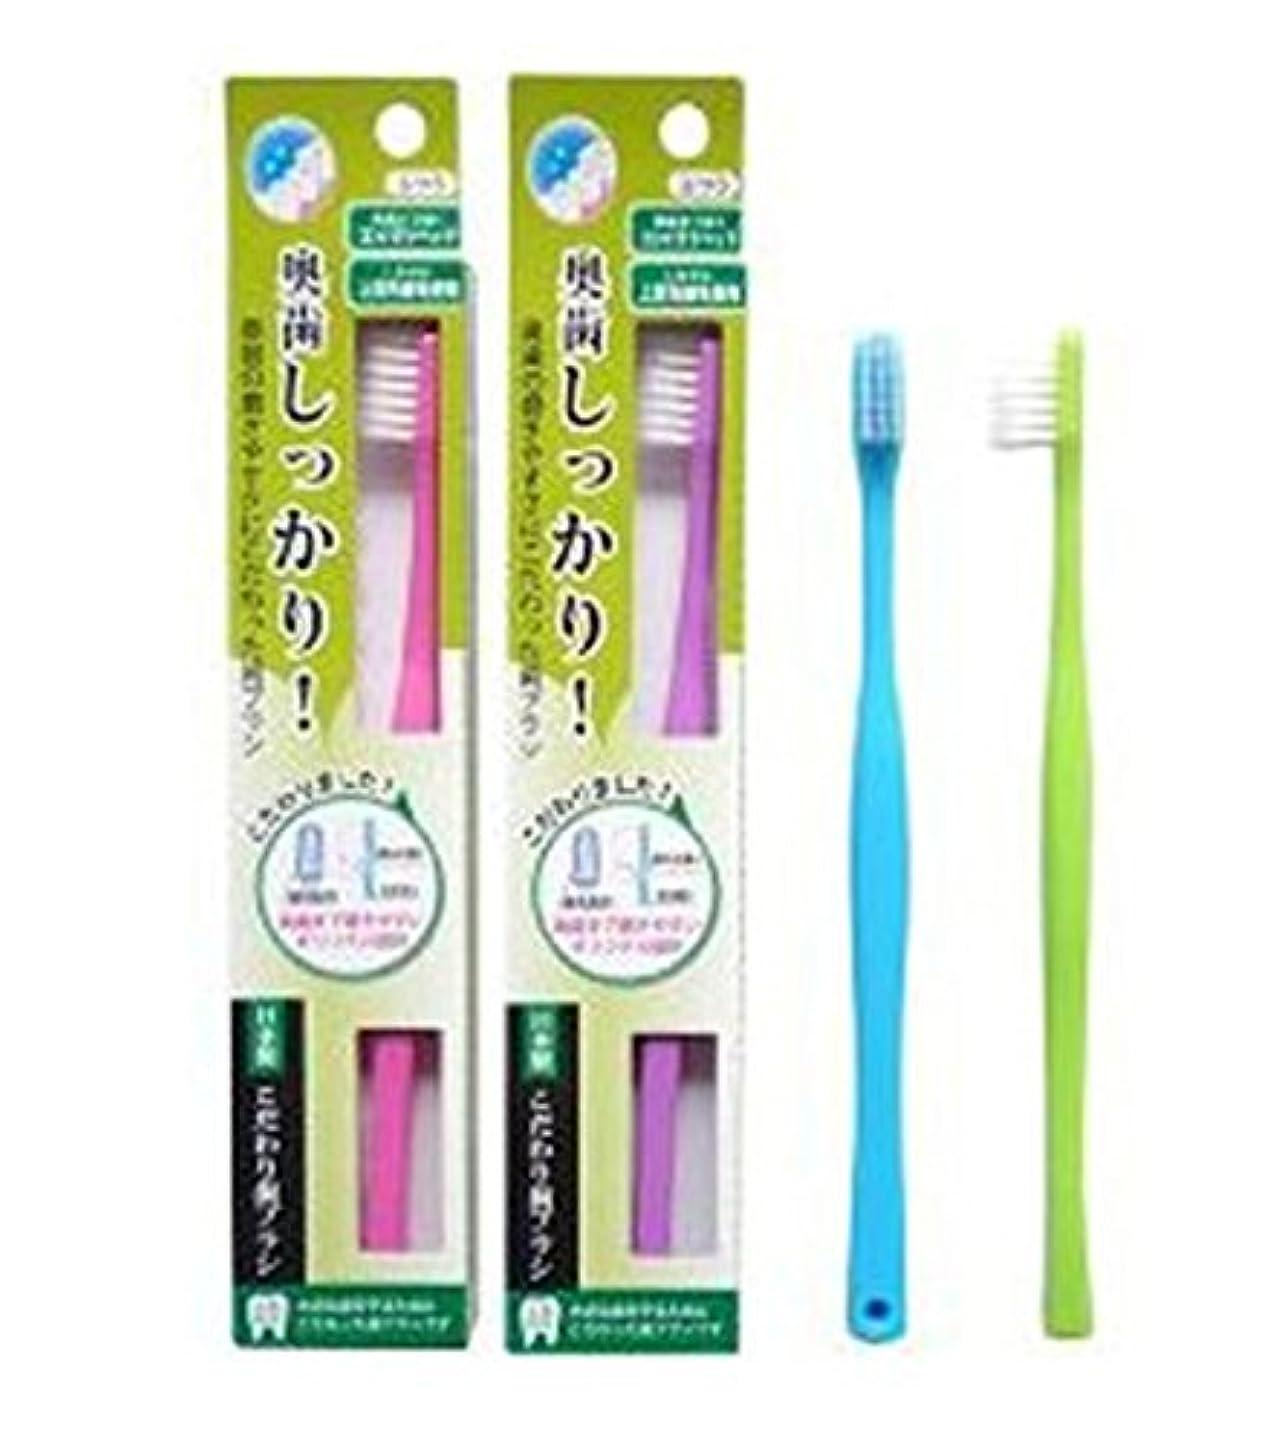 定期的にストリップ遊び場ライフレンジ 奥歯しっかりこだわり歯ブラシ 先細 12本 (ピンク4、パープル4、ブルー2、グリーン2)アソート